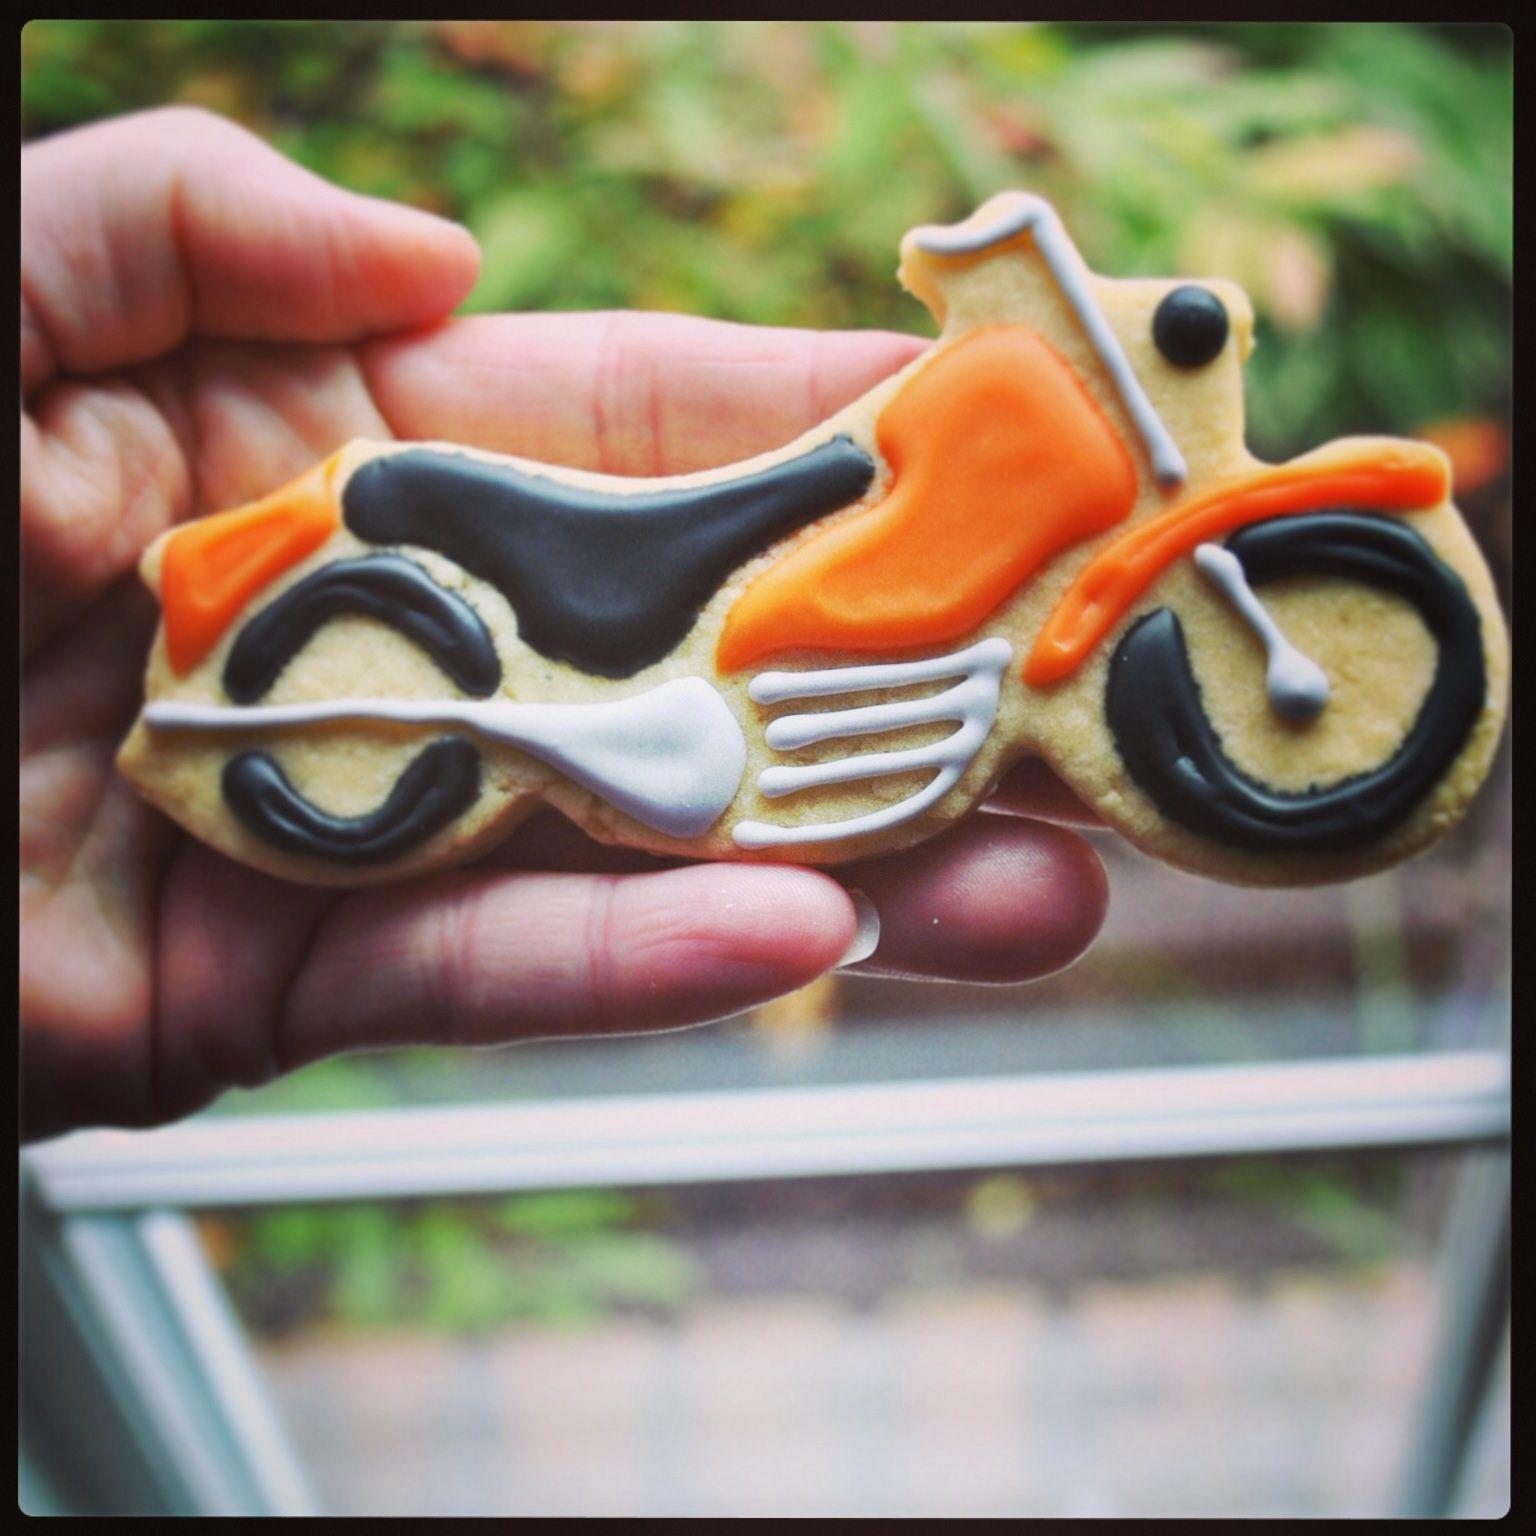 Motorcycle Cookies. Cookies